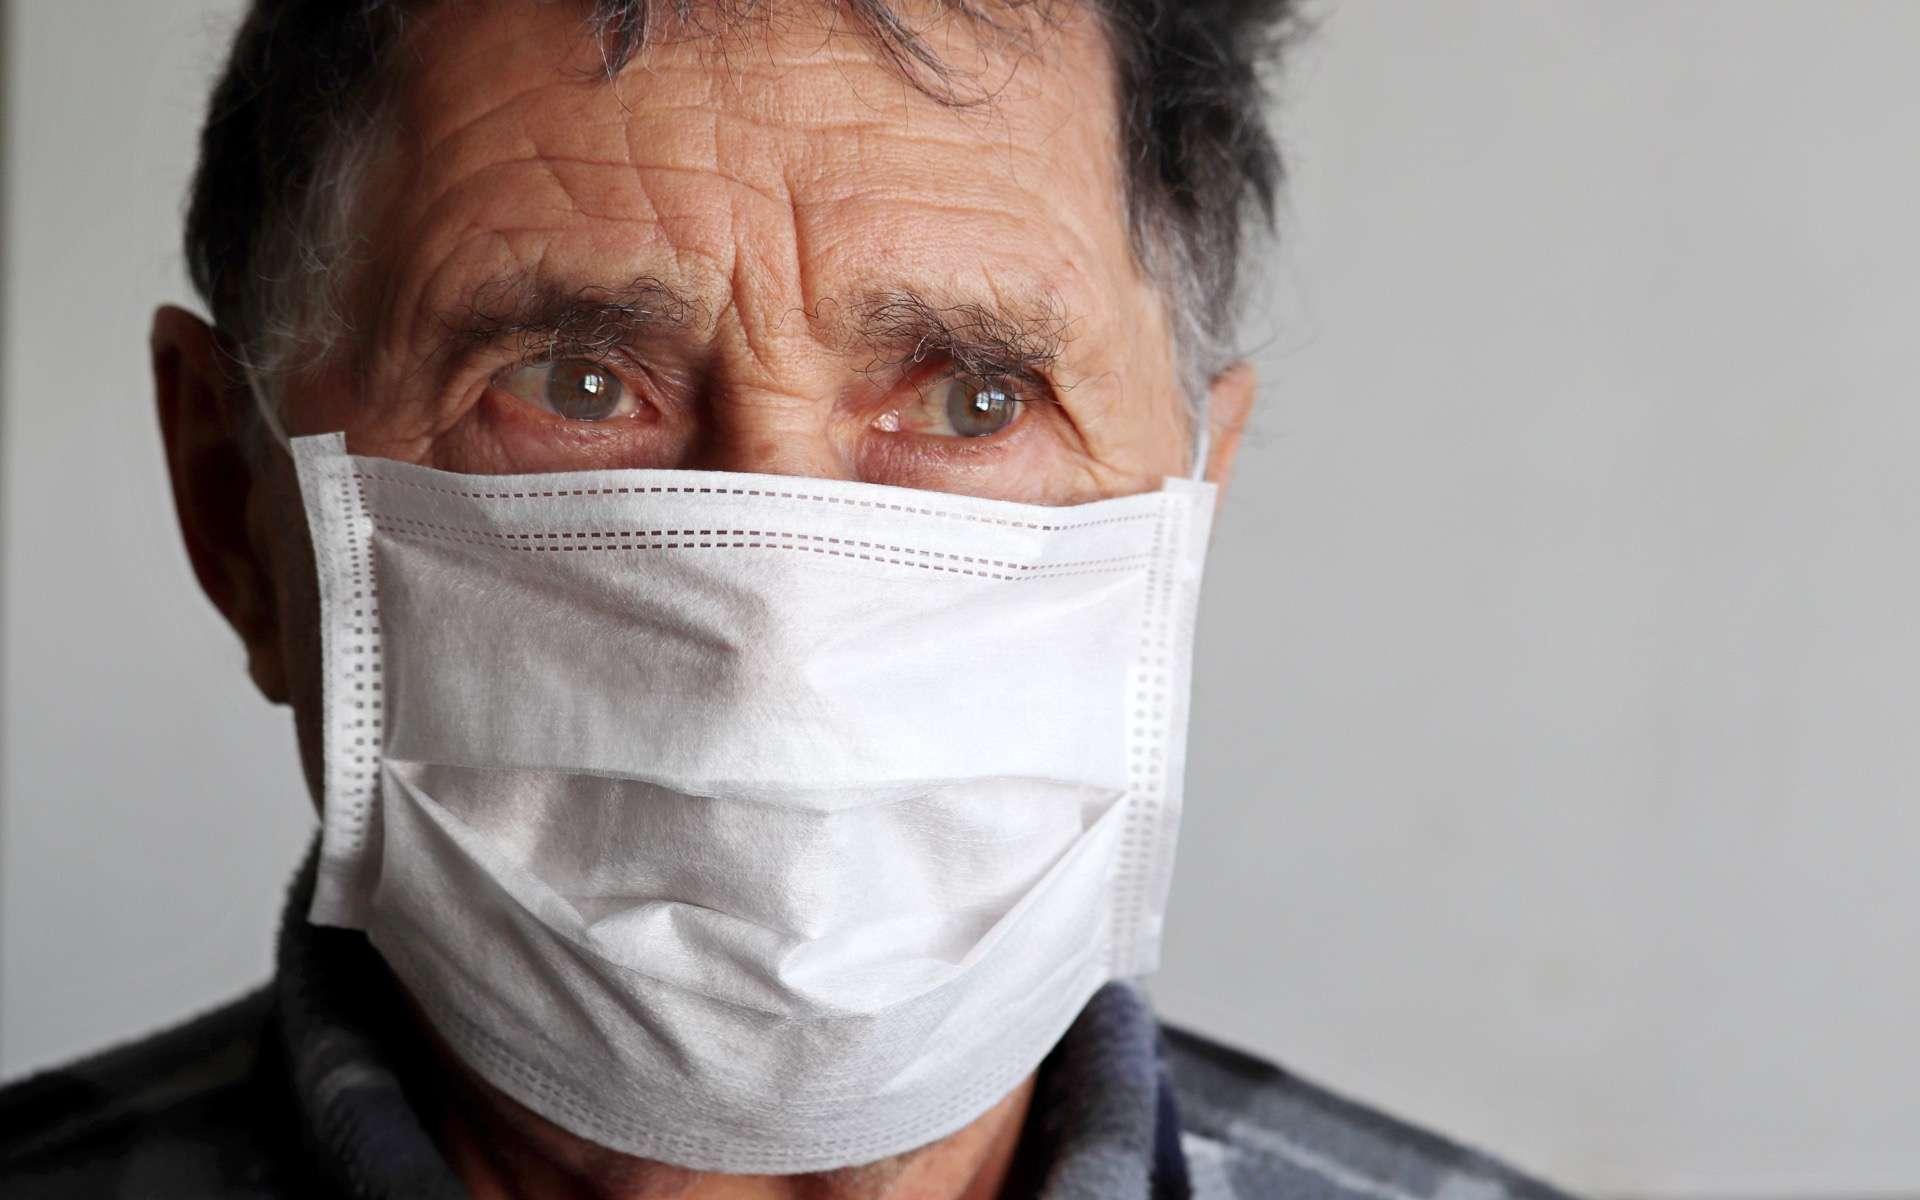 Les hommes, de plus de 70 ans ou déjà malades, sont les plus vulnérables que les femmes. © Oleg, Adobe Stock